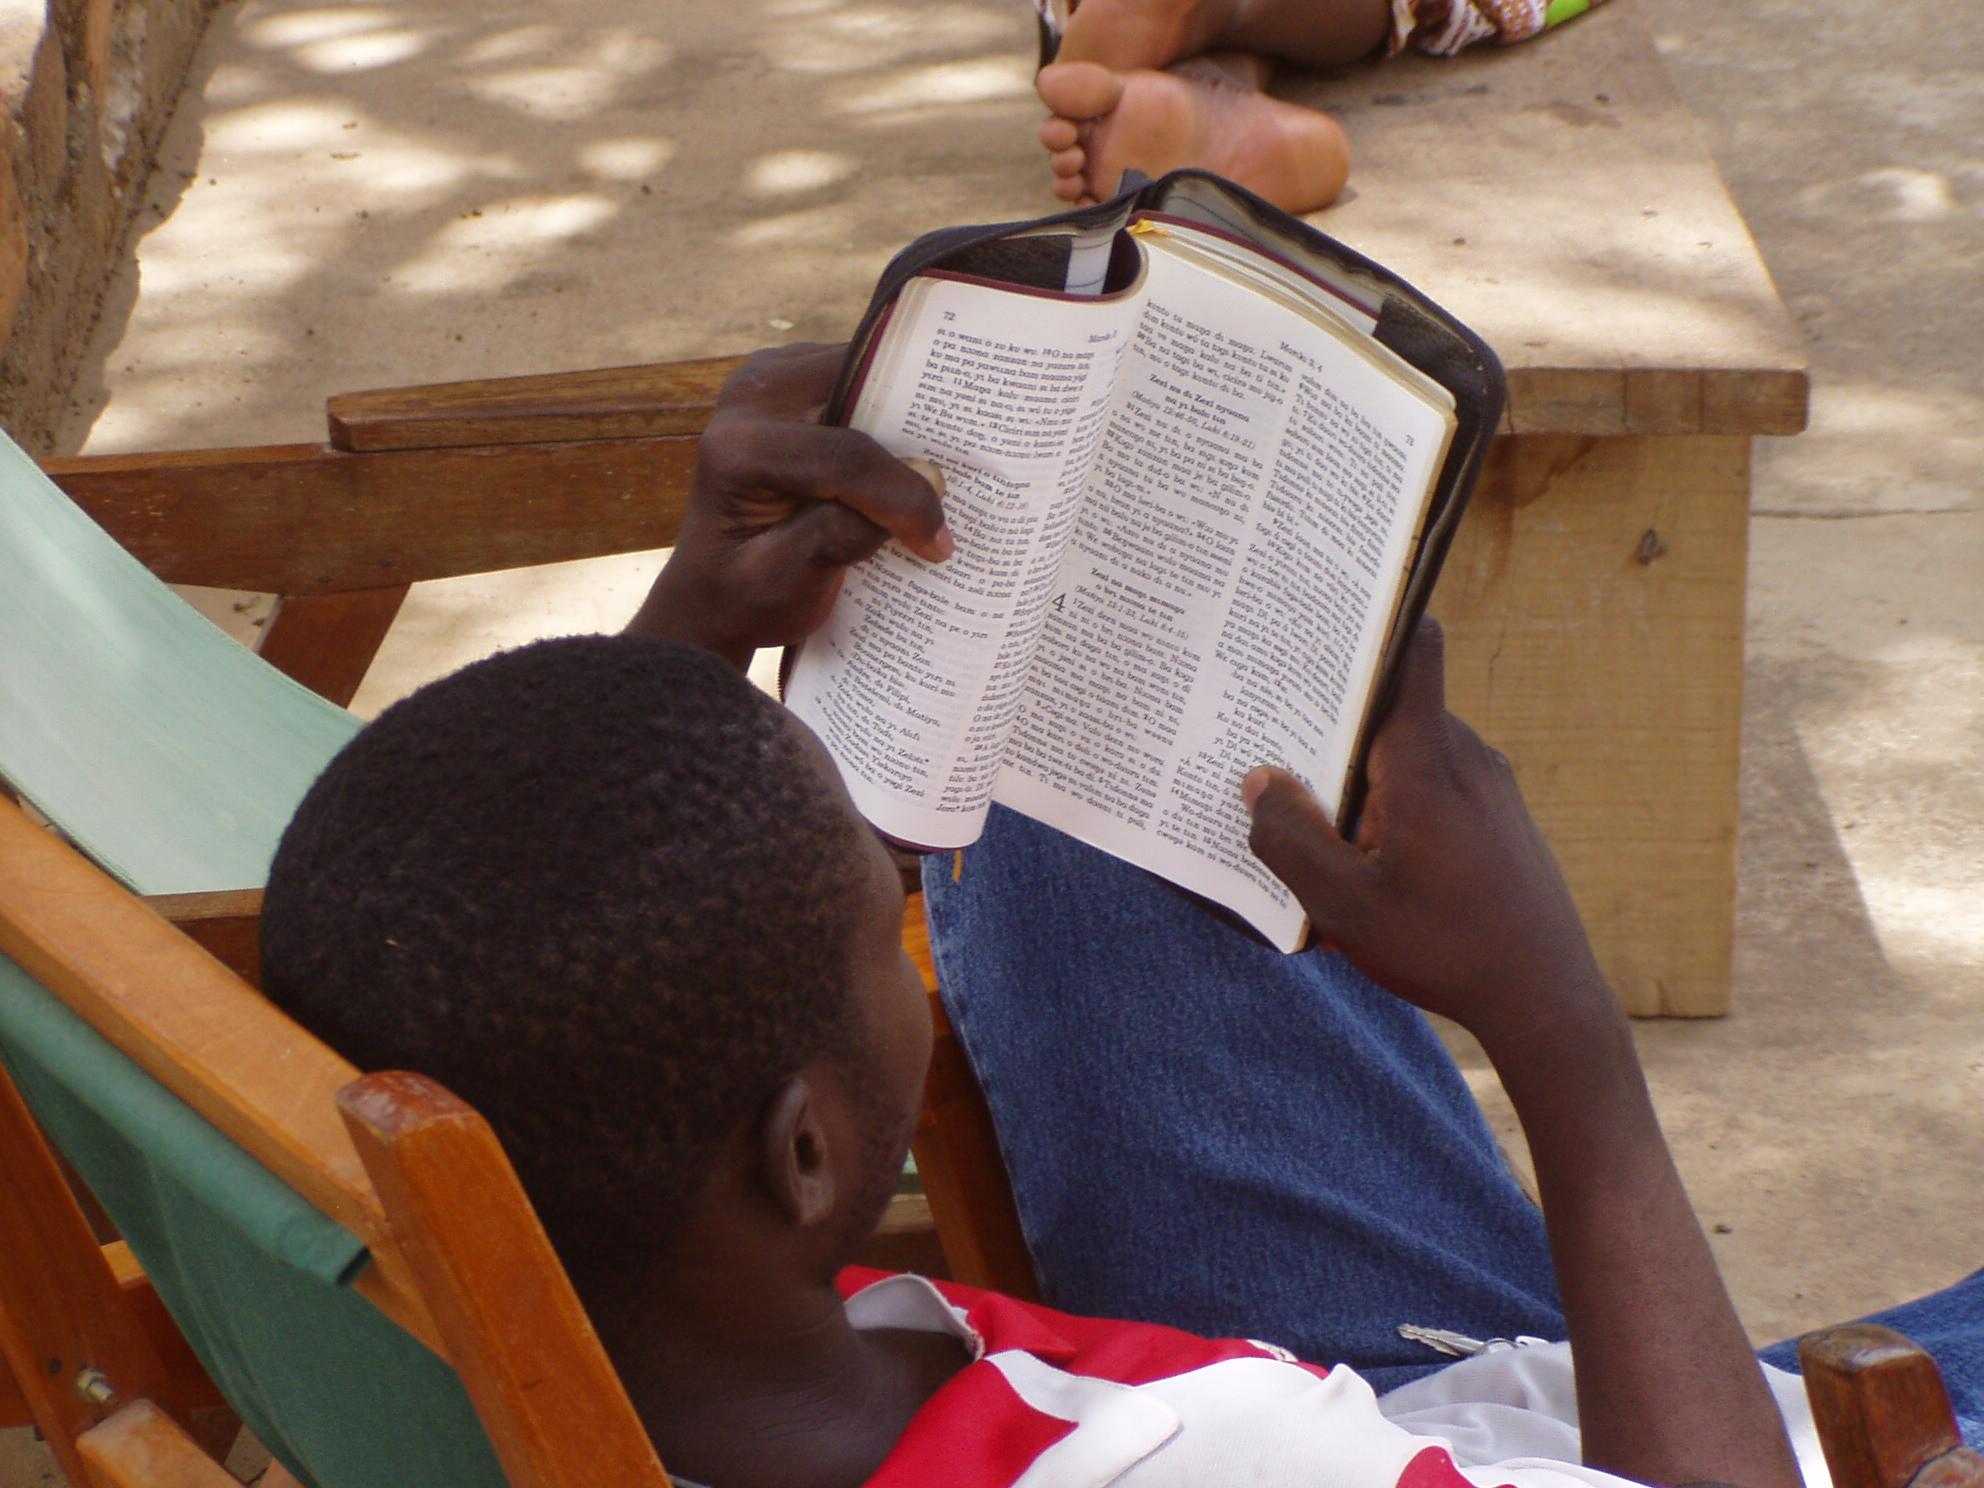 Homme en train de lire un livre. Man reading a book.